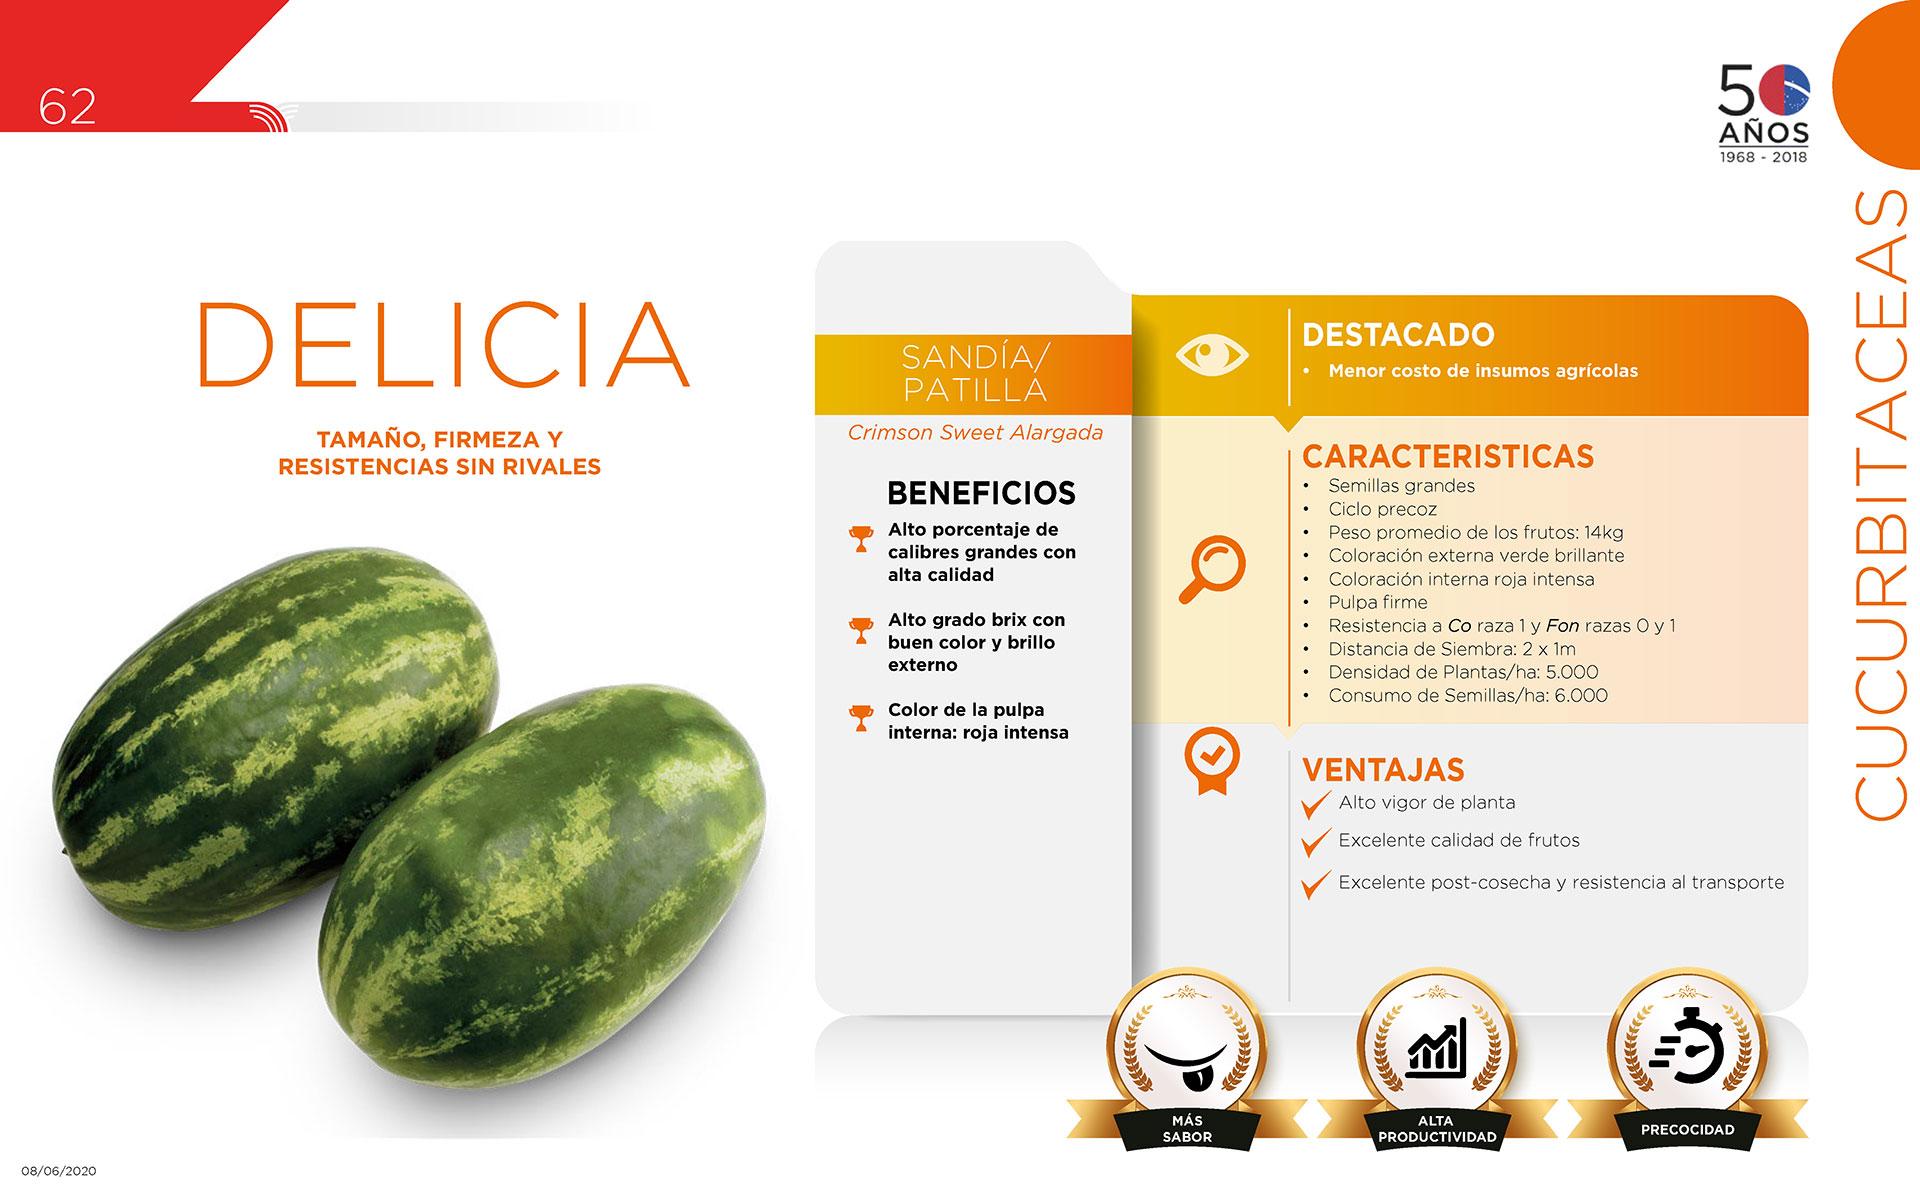 Delicia - Cucurbitaceas